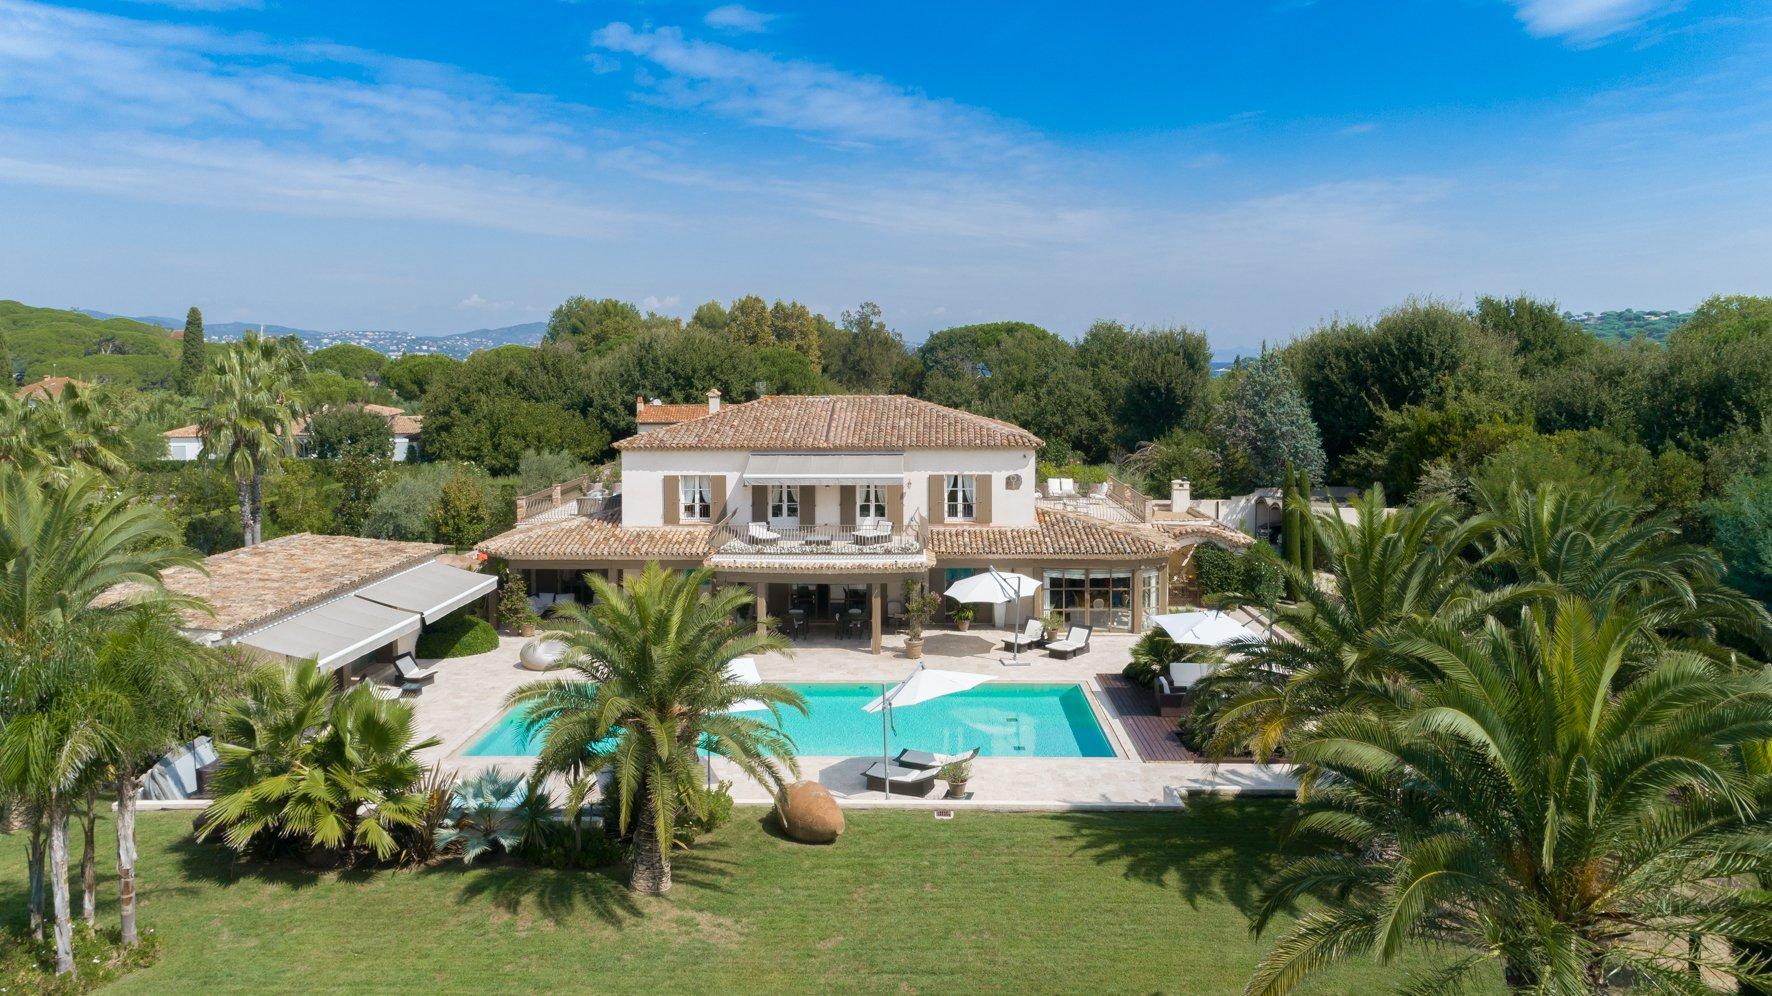 Ad Sale Property Saint Tropez 83990 Refv1508st